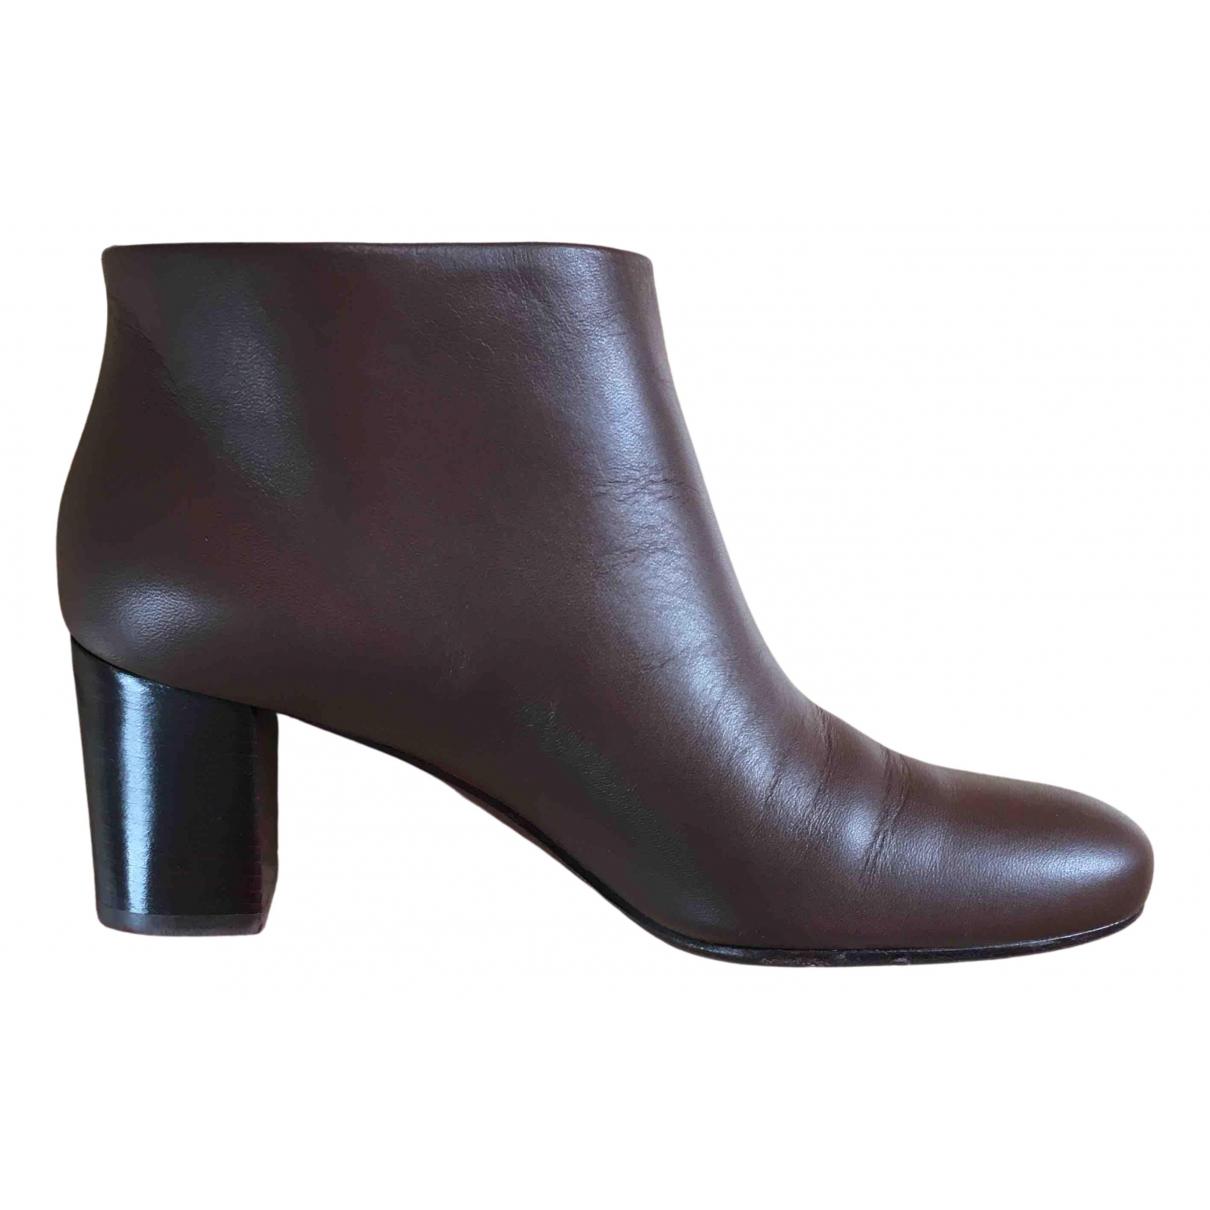 Avril Gau - Boots   pour femme en cuir - camel